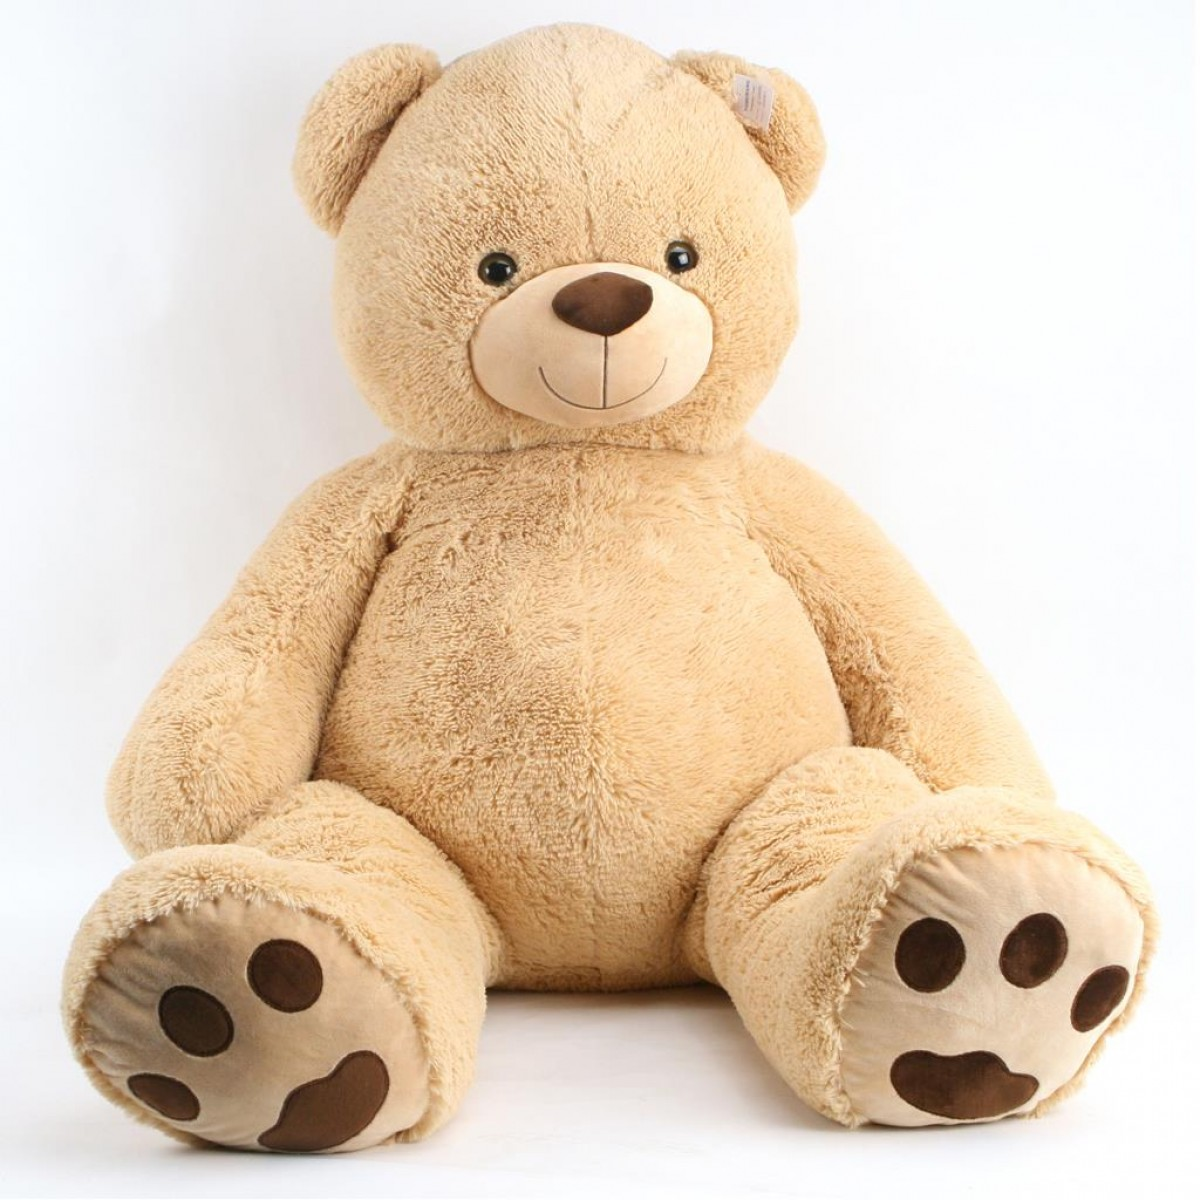 Teddybär xxl 135 cm